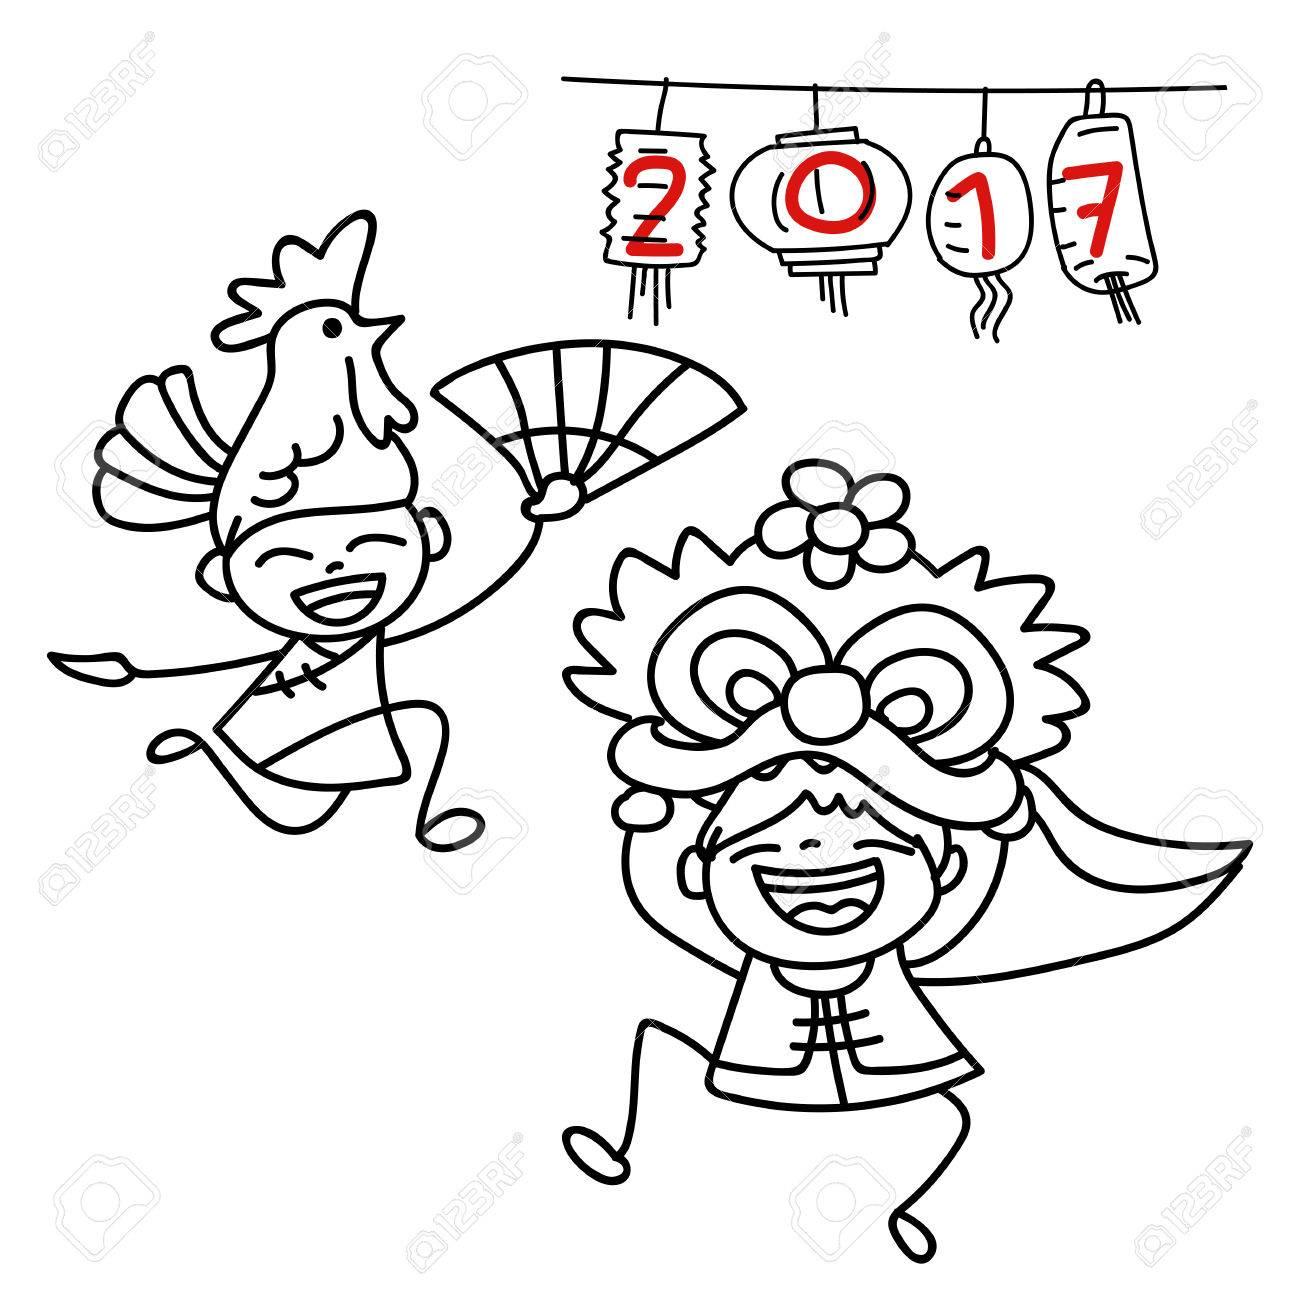 Dibujo A Mano Personaje De Dibujos Animados Chinos Felices Y Niños ...